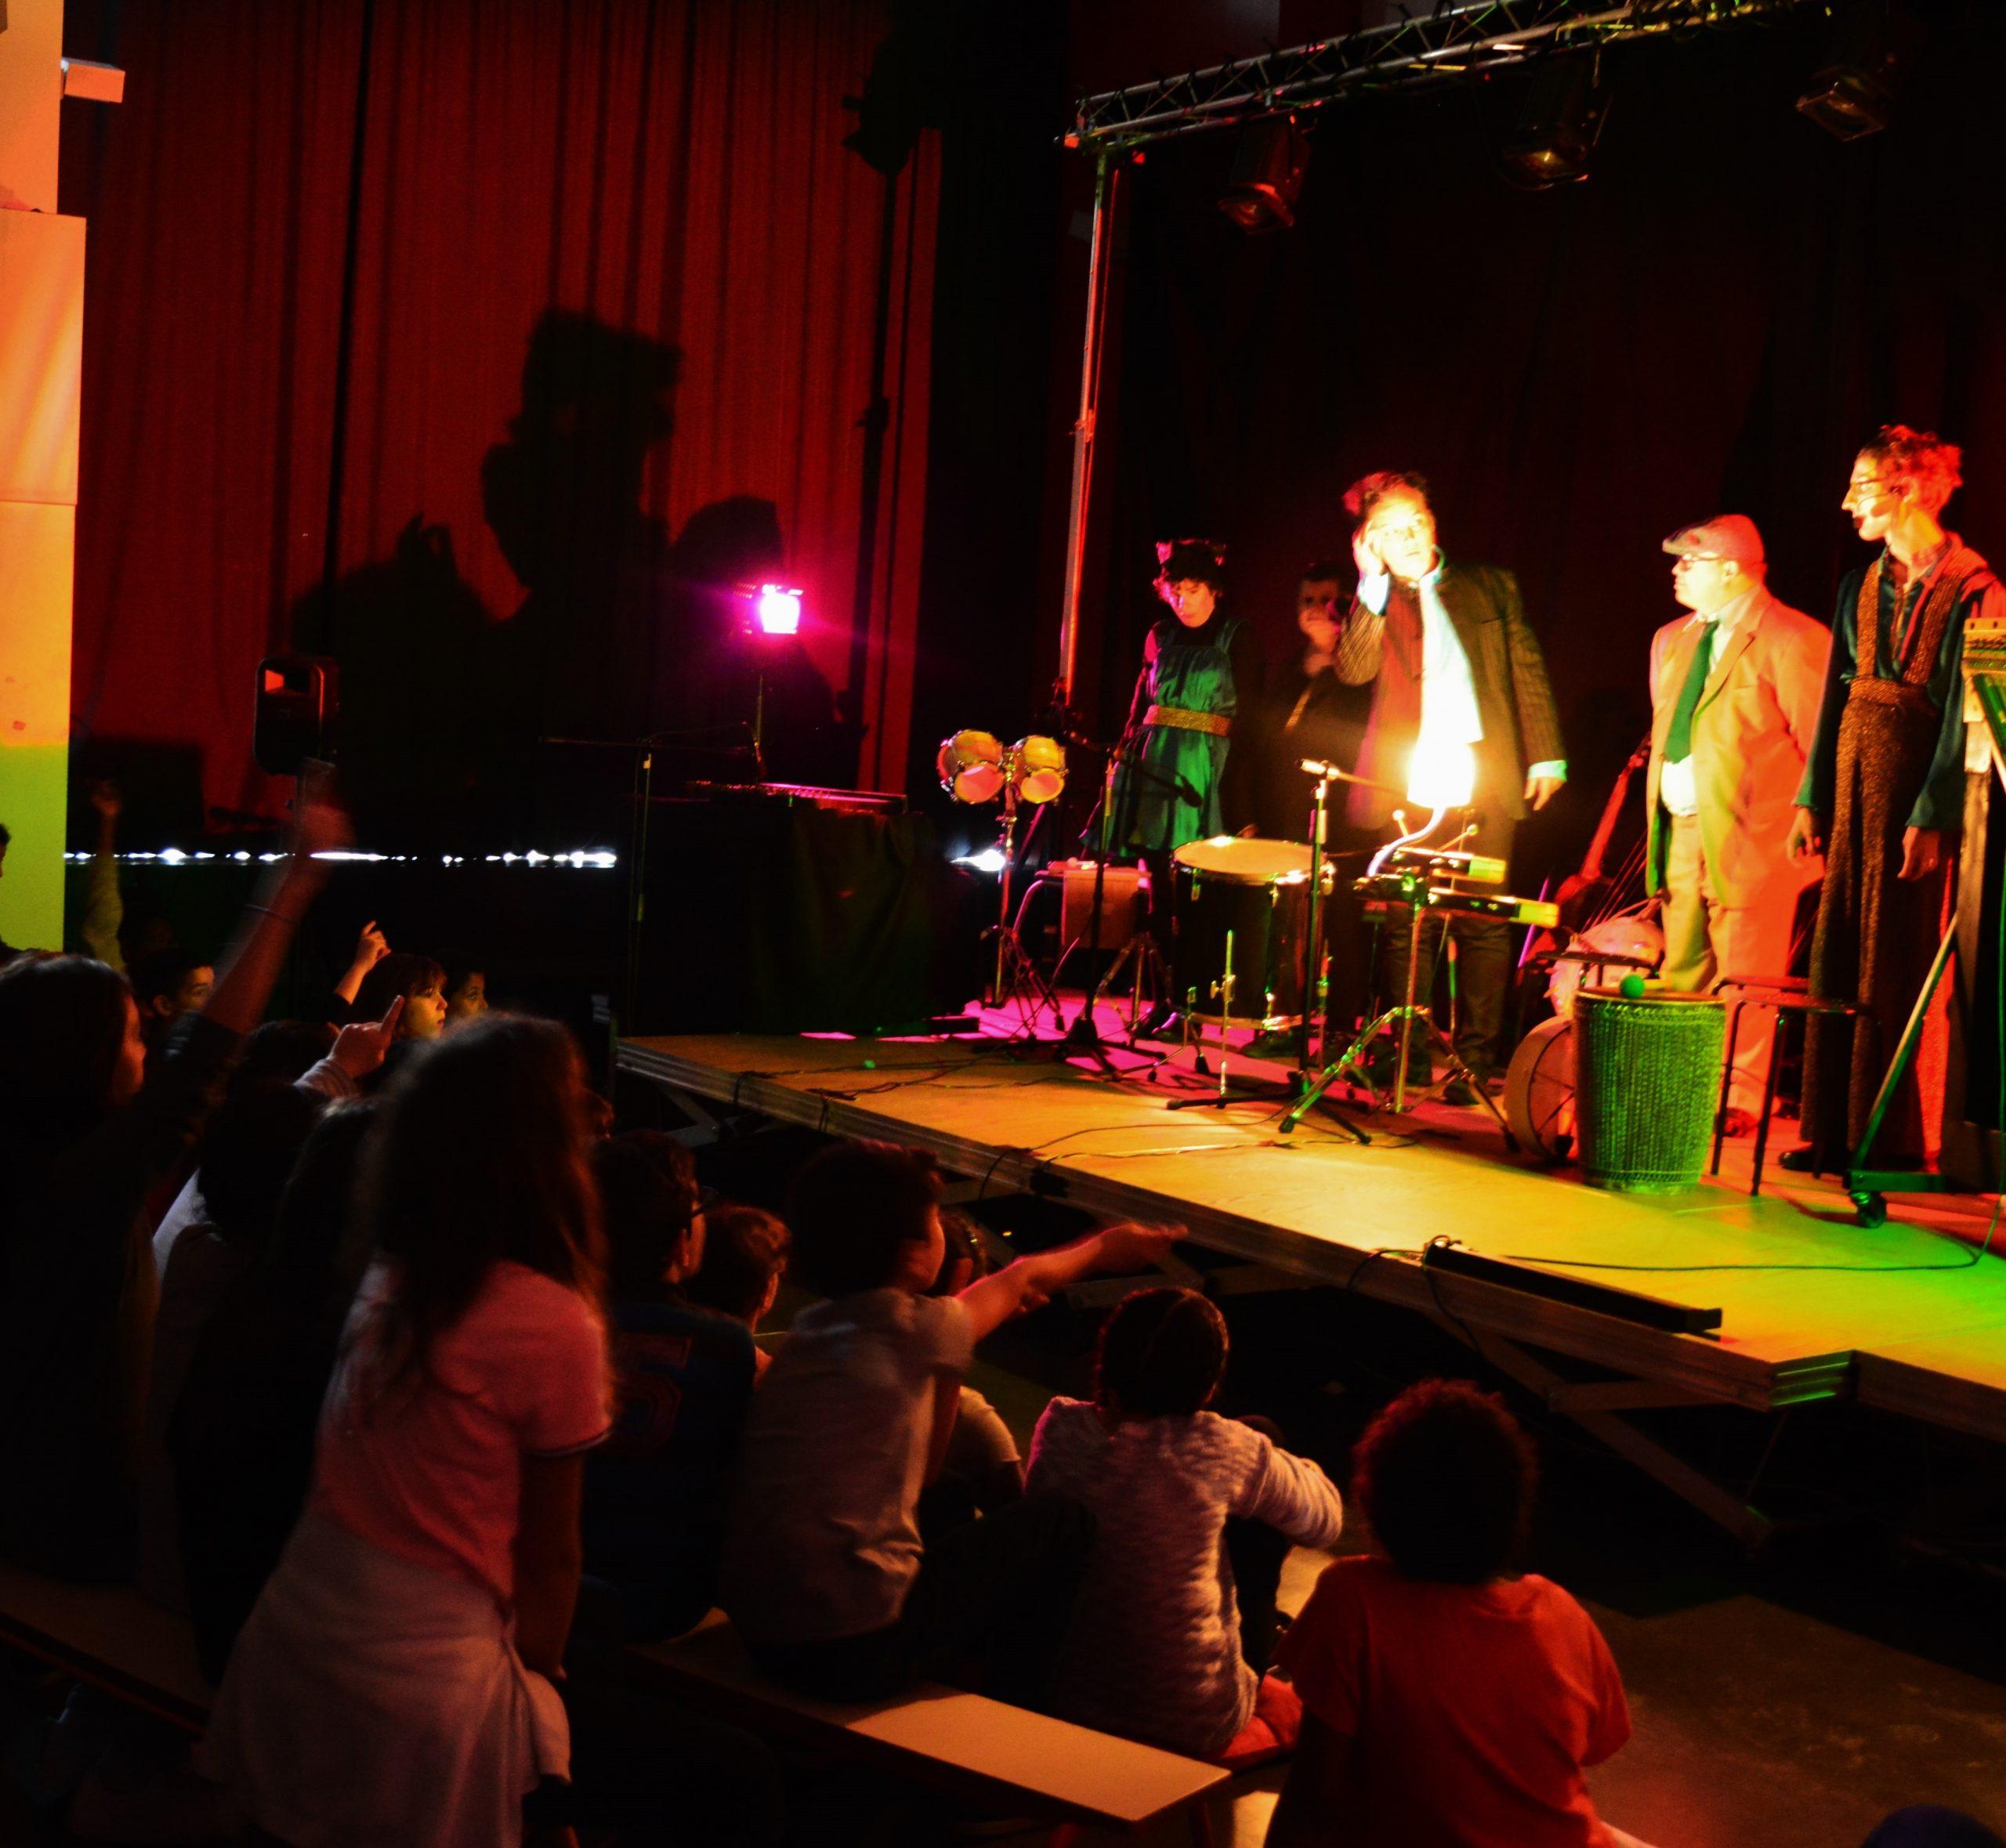 Chanteclair au pays des merveilles sur scène face à un public d'enfants